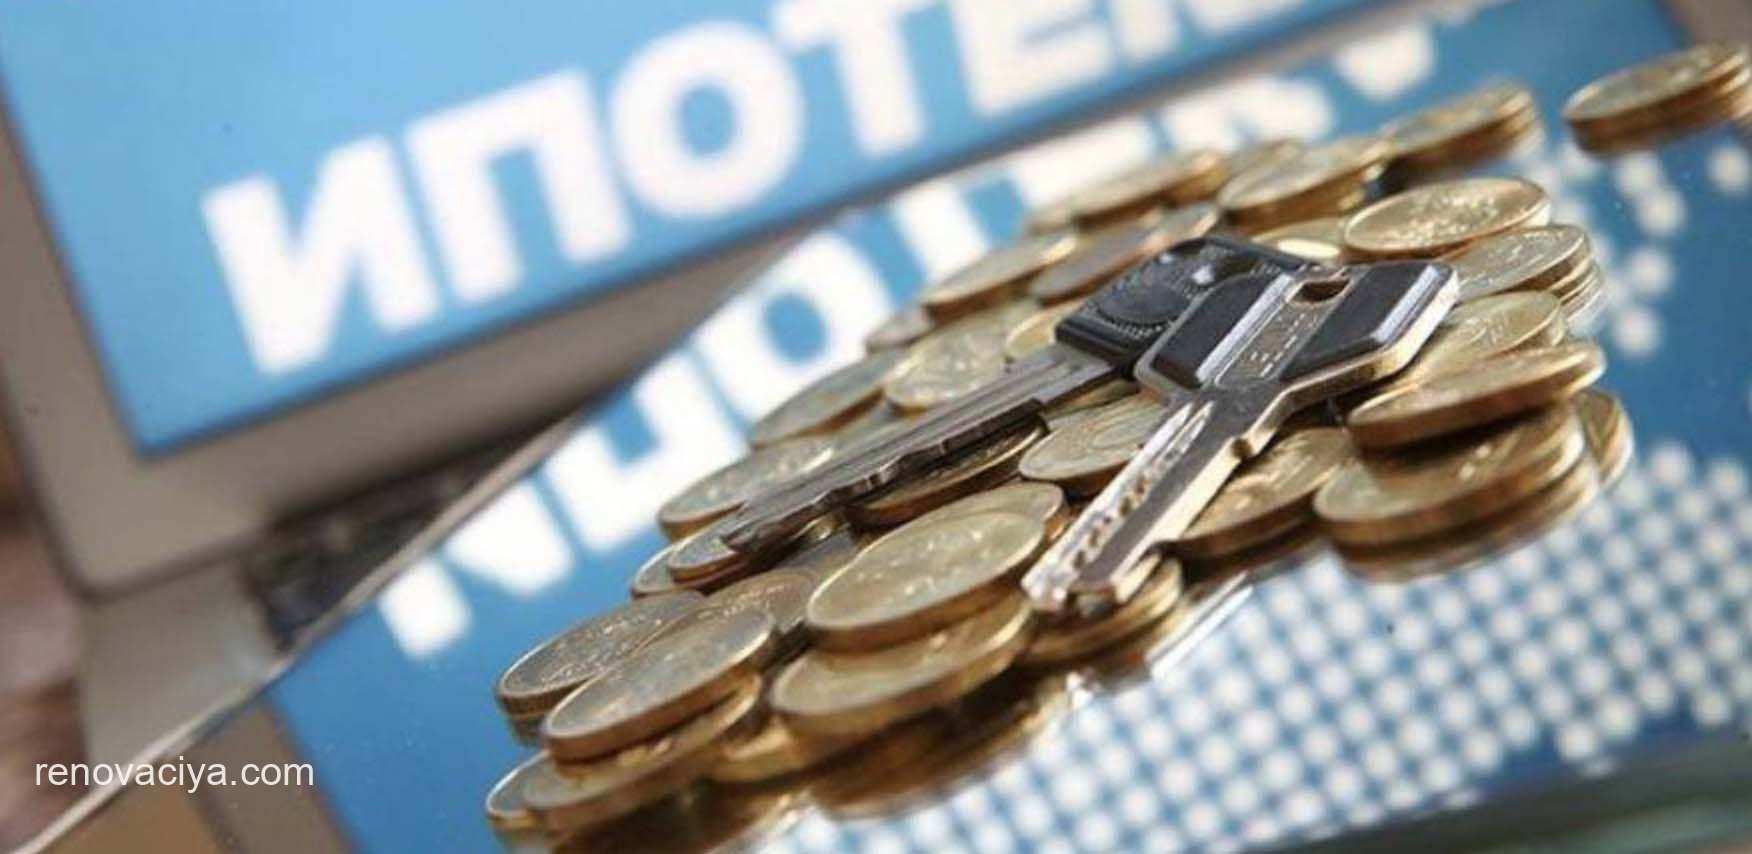 ЦБ и Госдума рассмотрят снижение ипотеки